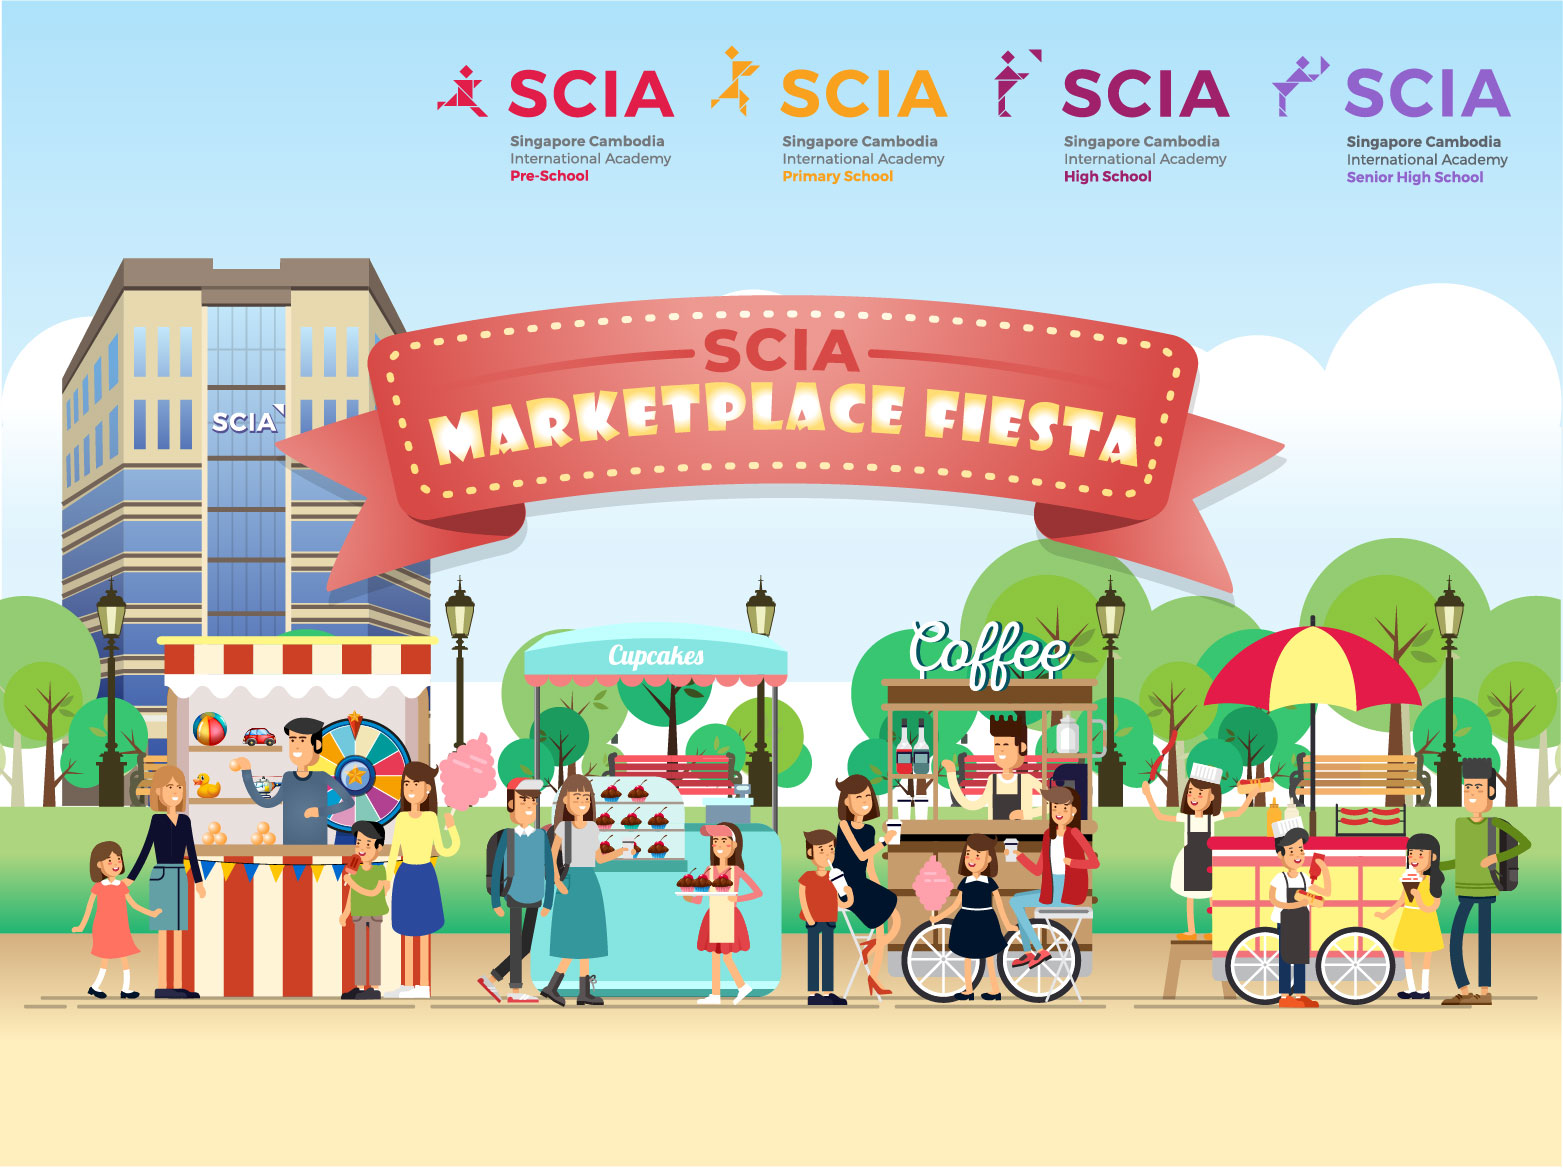 Fund raising marketplace